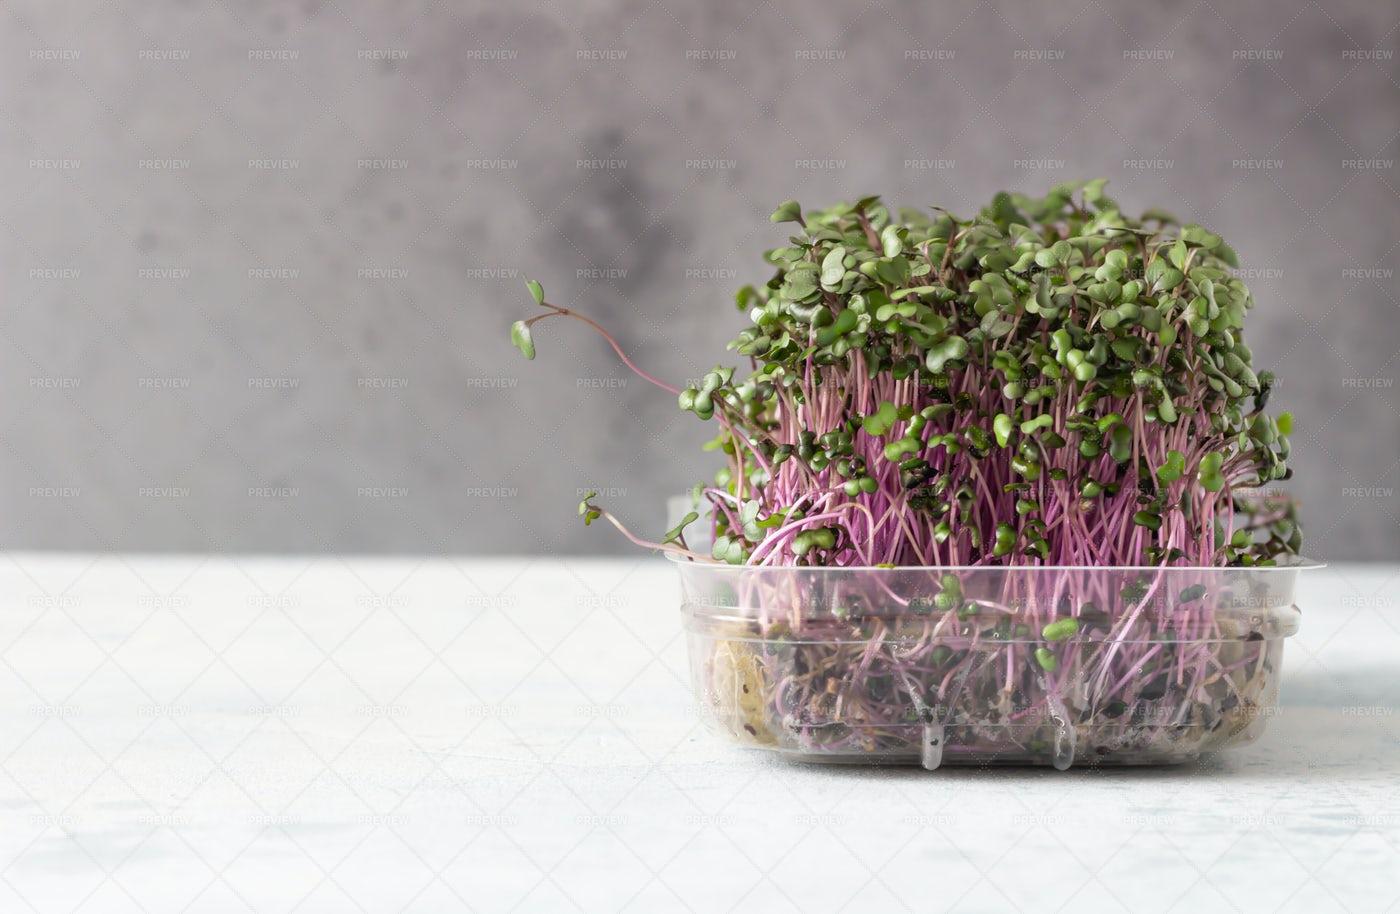 Microgreens: Stock Photos